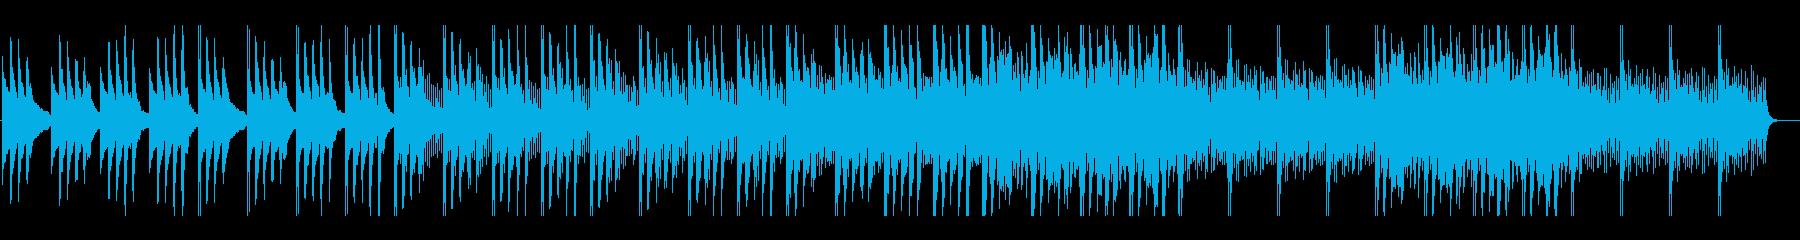 不安感を煽るホラー系テクスチャーの再生済みの波形